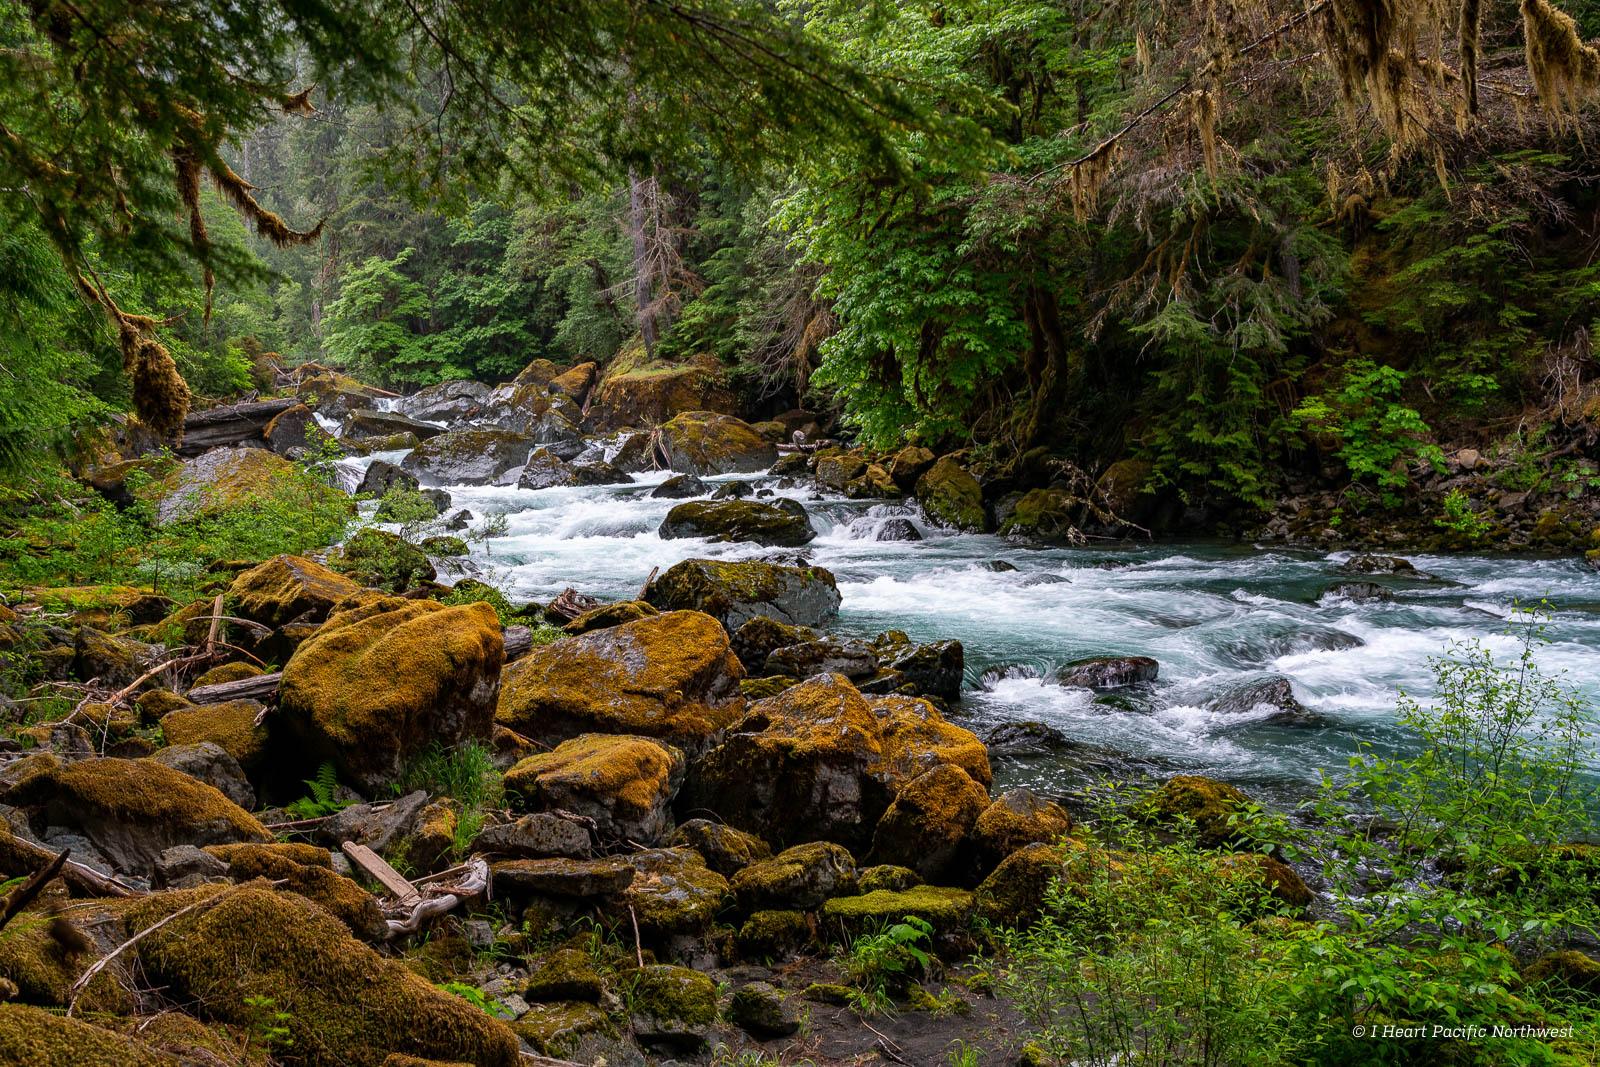 backpack - North Fork Skokomish River